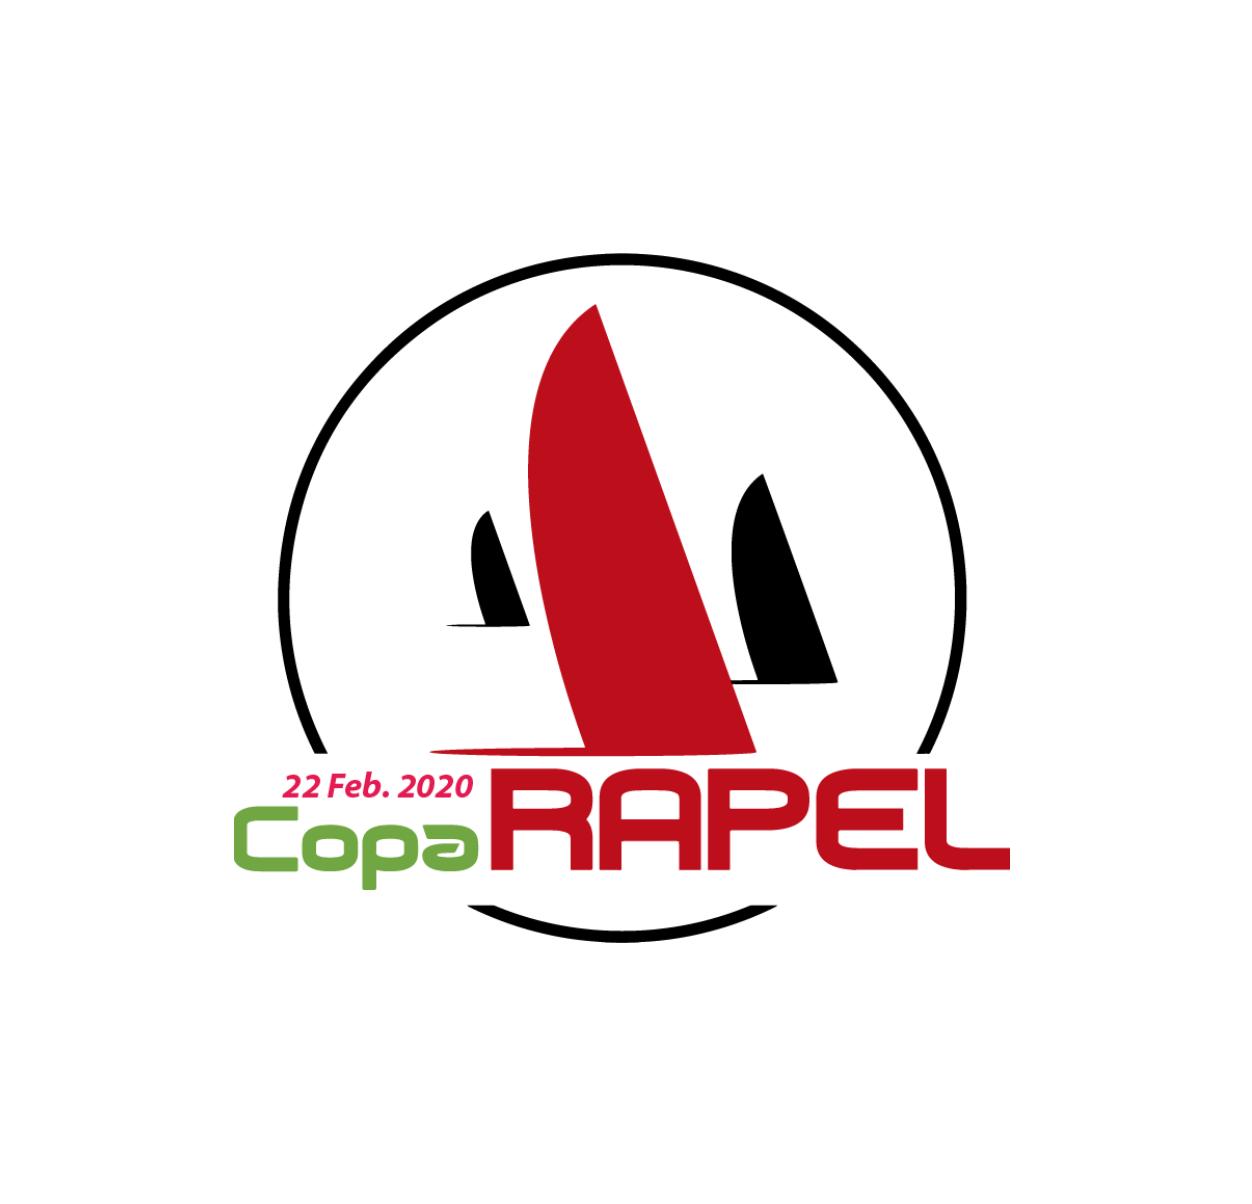 Copa Rapel